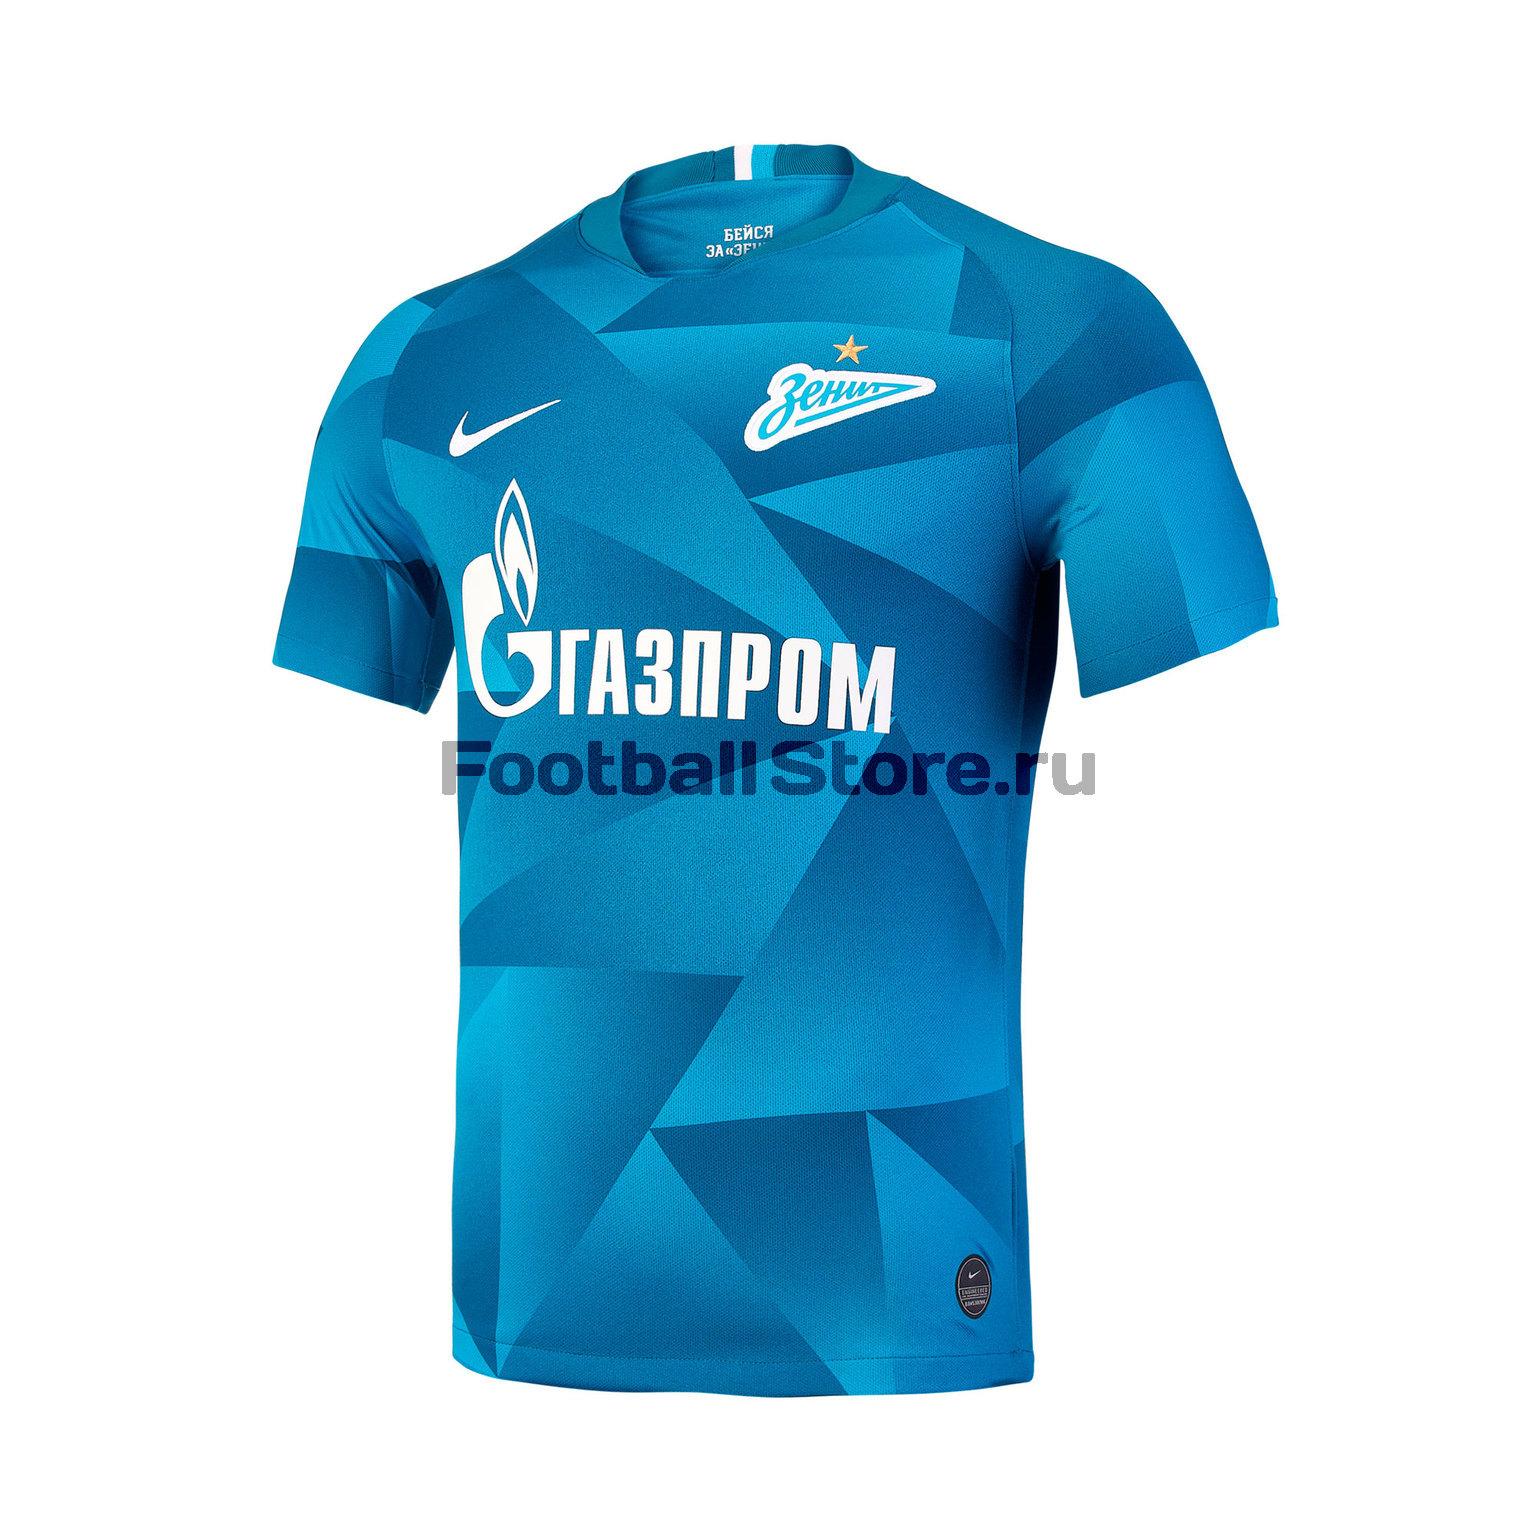 Футболка игровая домашняя Nike Zenit сезон 2019/20